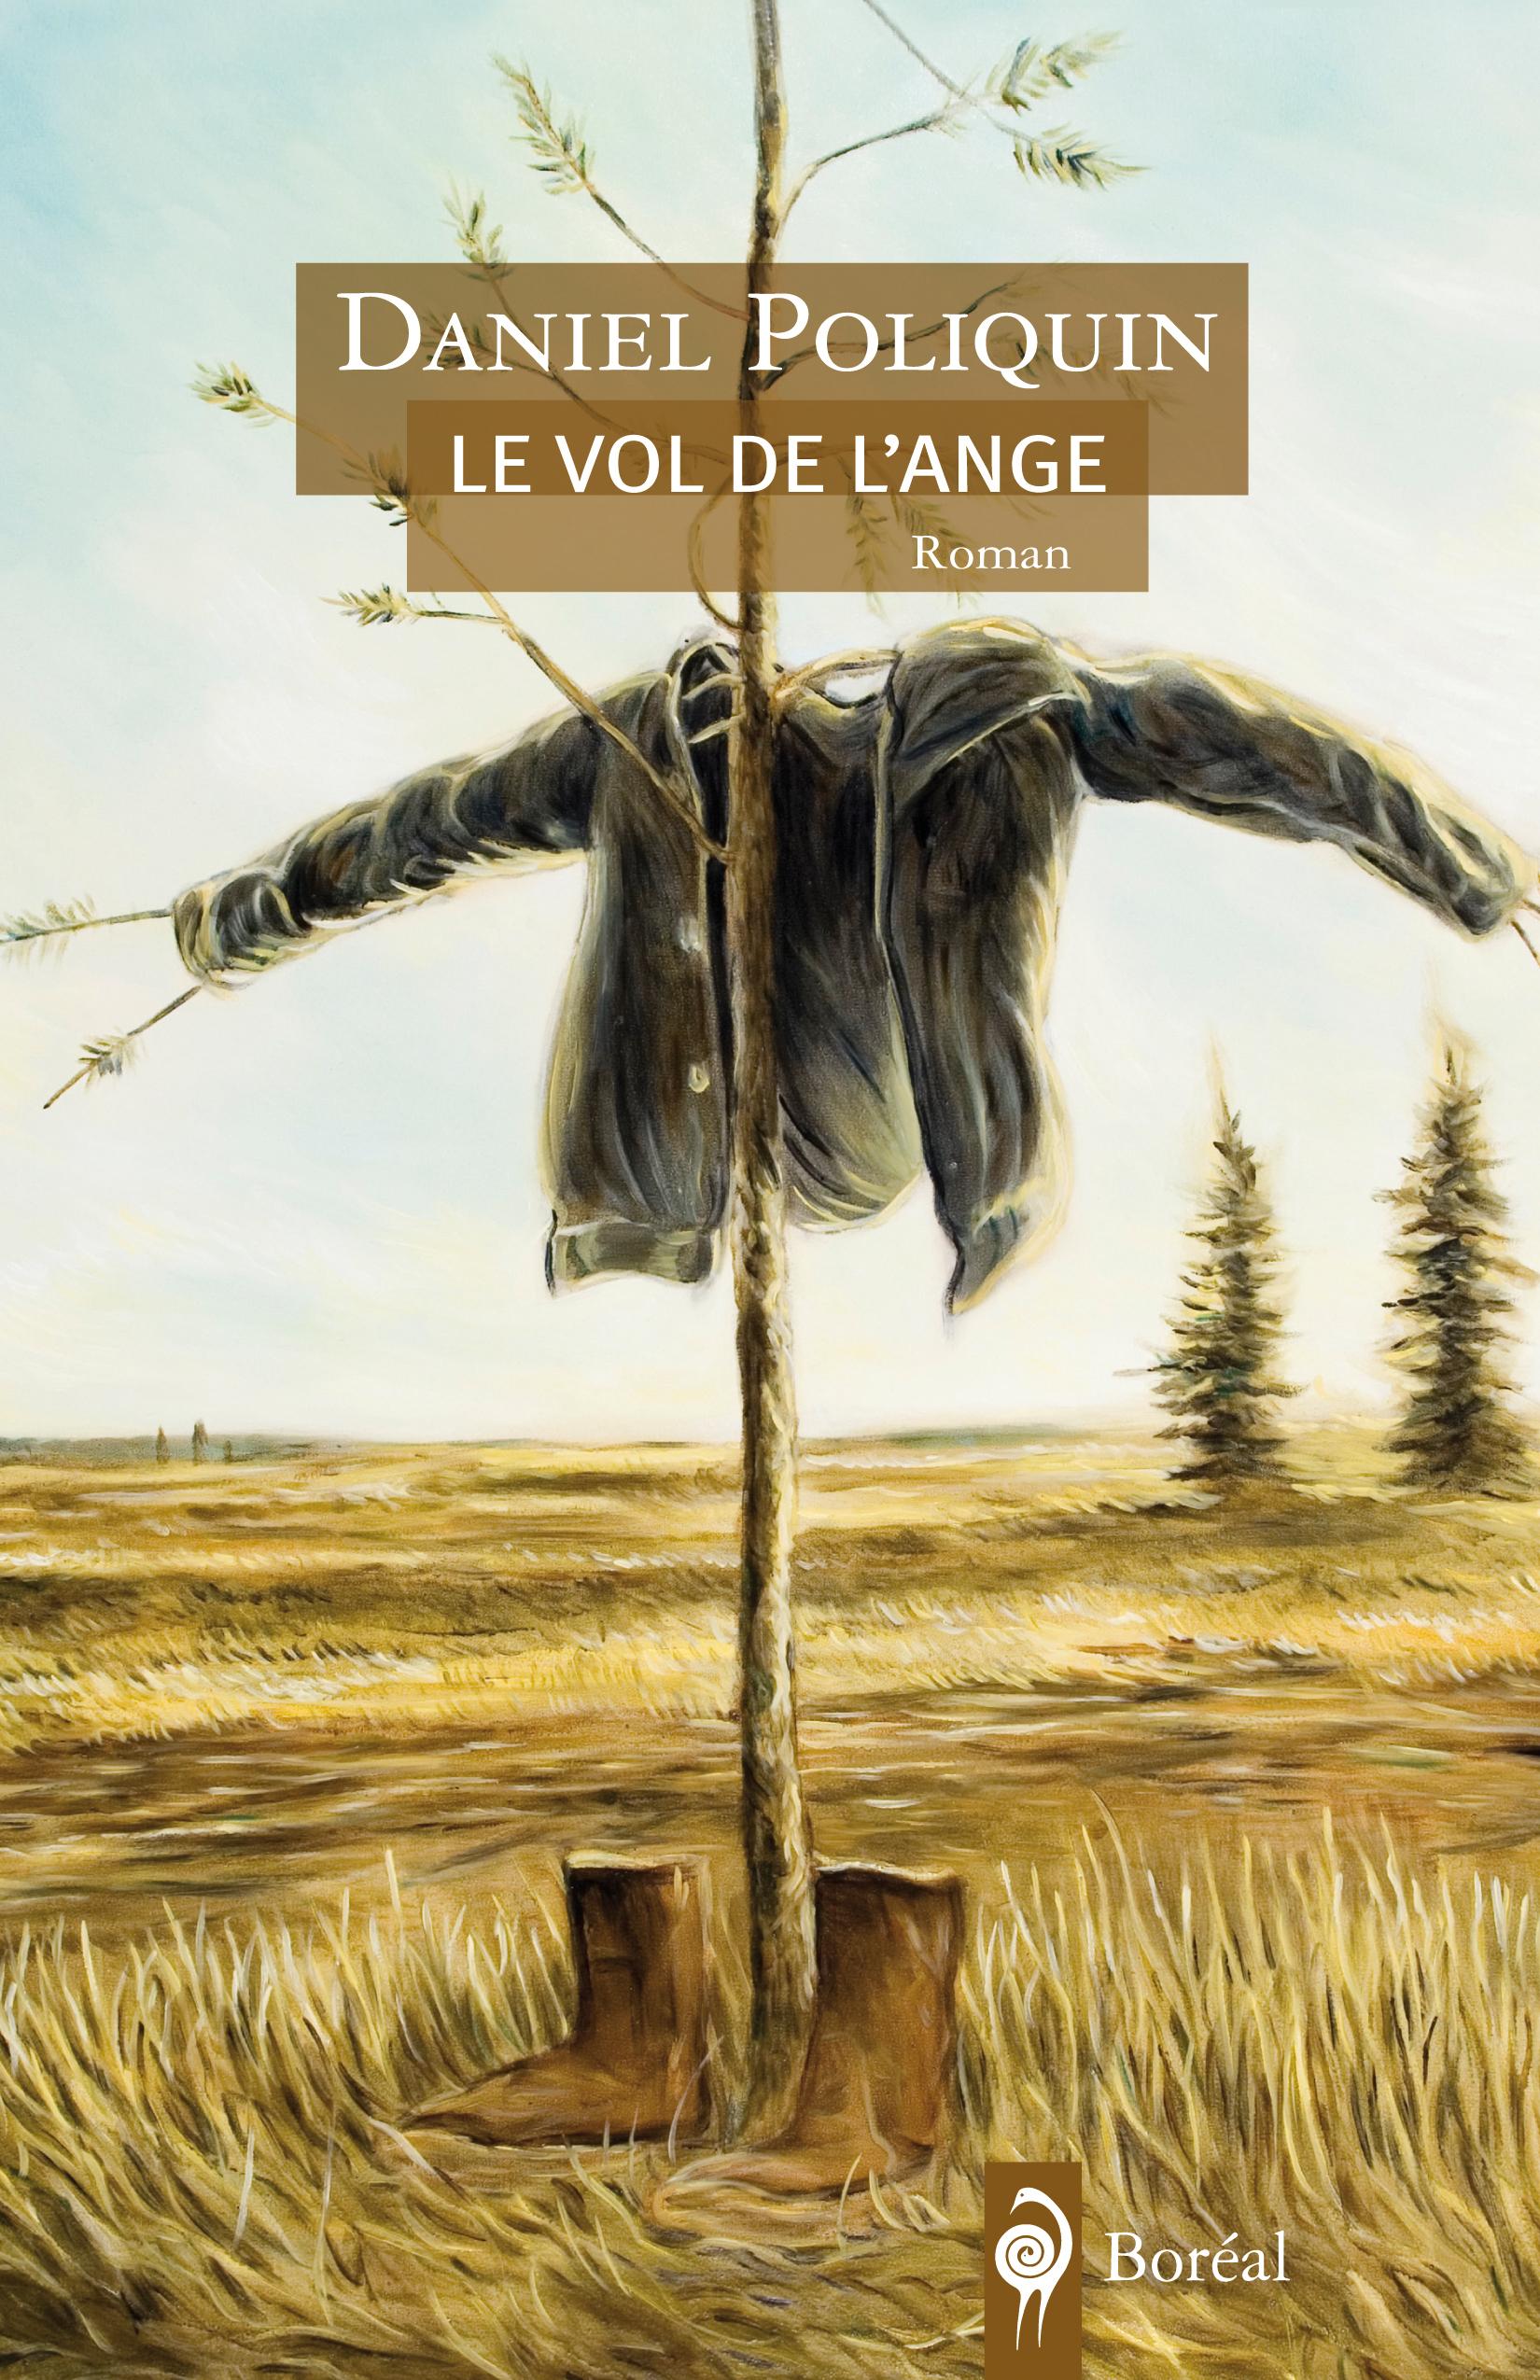 Le Vol de l'ange